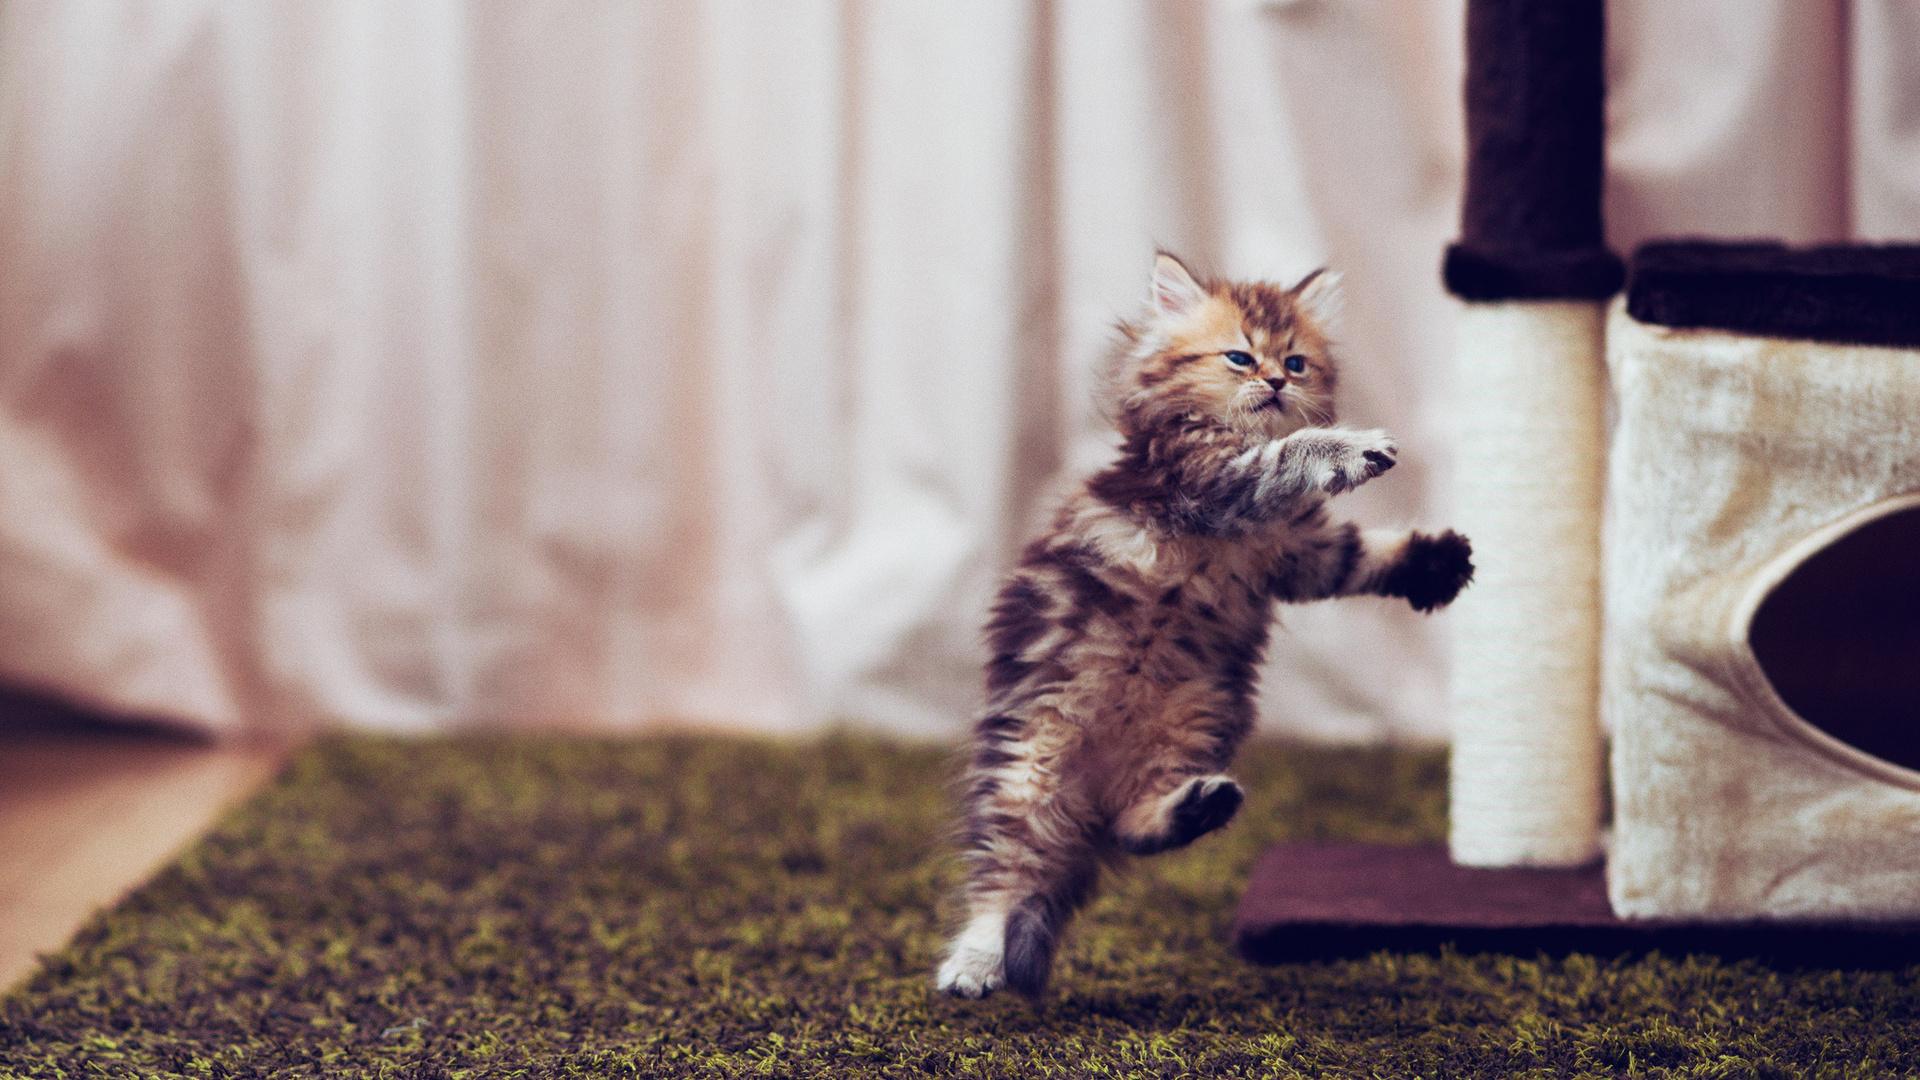 инструкция очень пушистый котик прыгает чат опытным